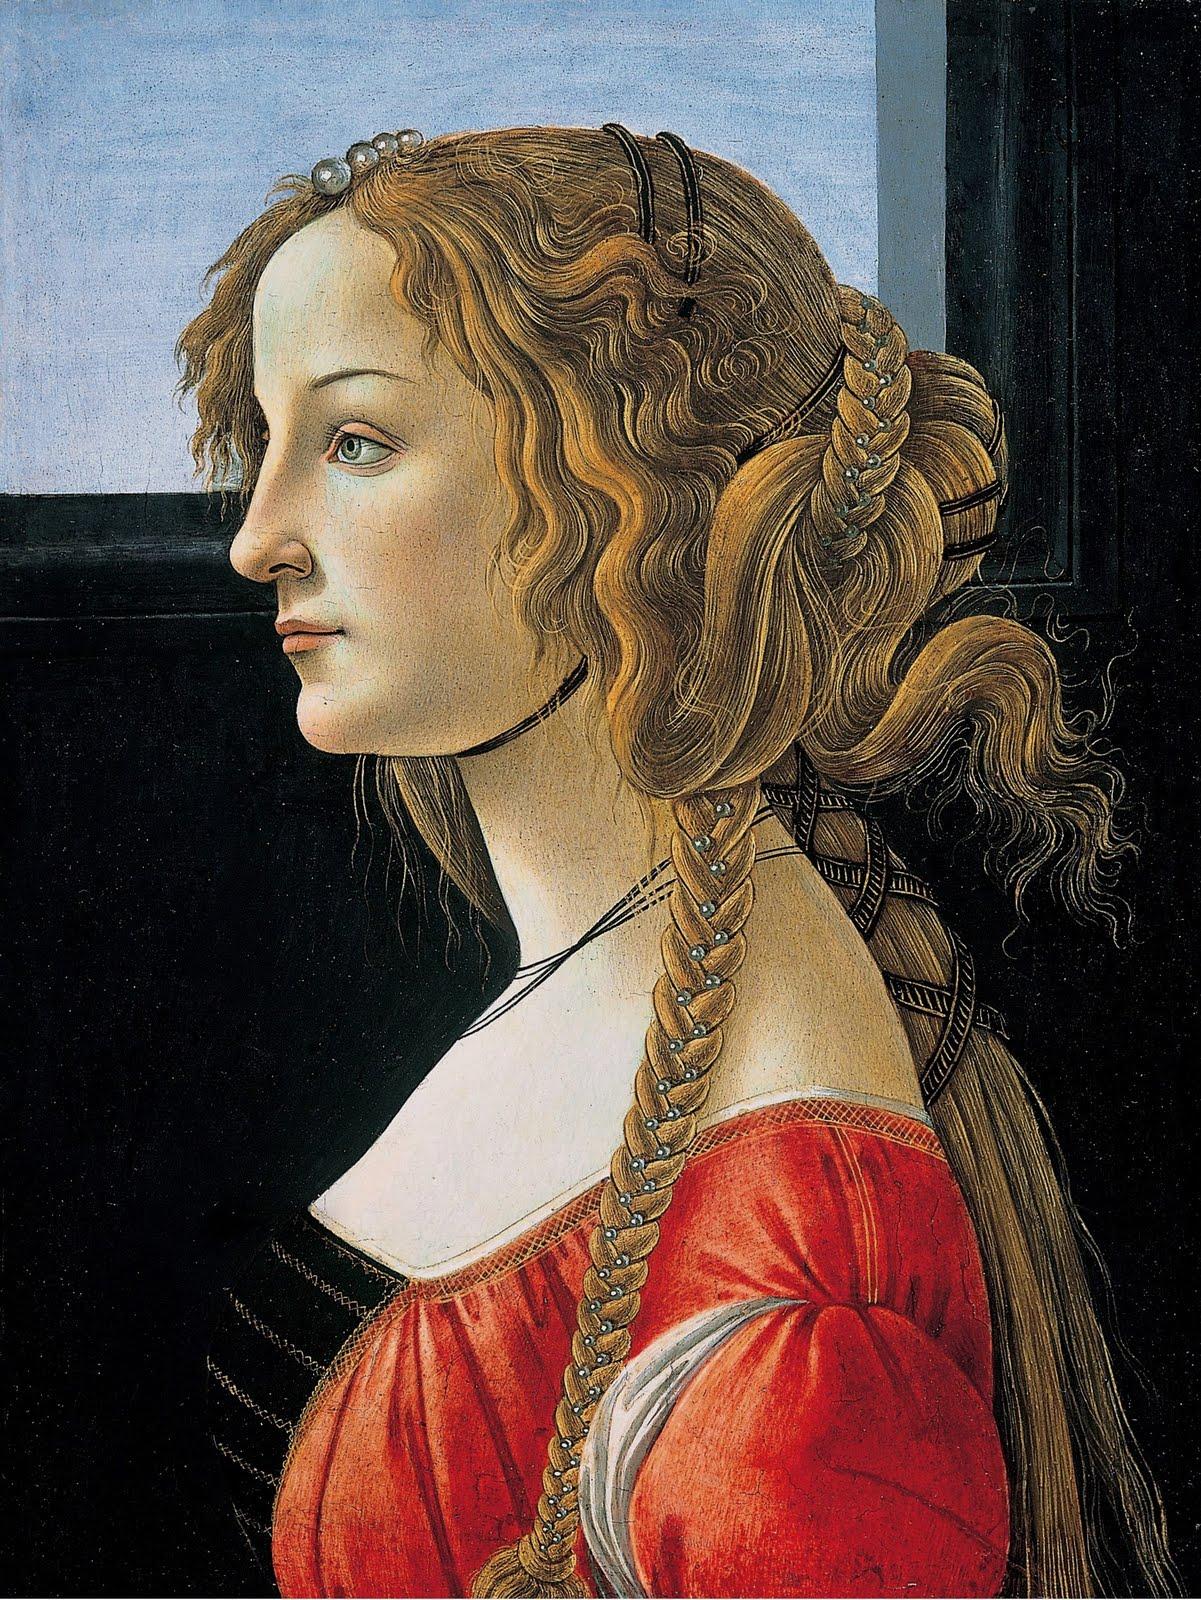 http://4.bp.blogspot.com/-E7AYfOSdgYk/TlK4124MnVI/AAAAAAAAAT4/-HqGvm8tuF8/s1600/Sandro_Botticelli_066.jpg